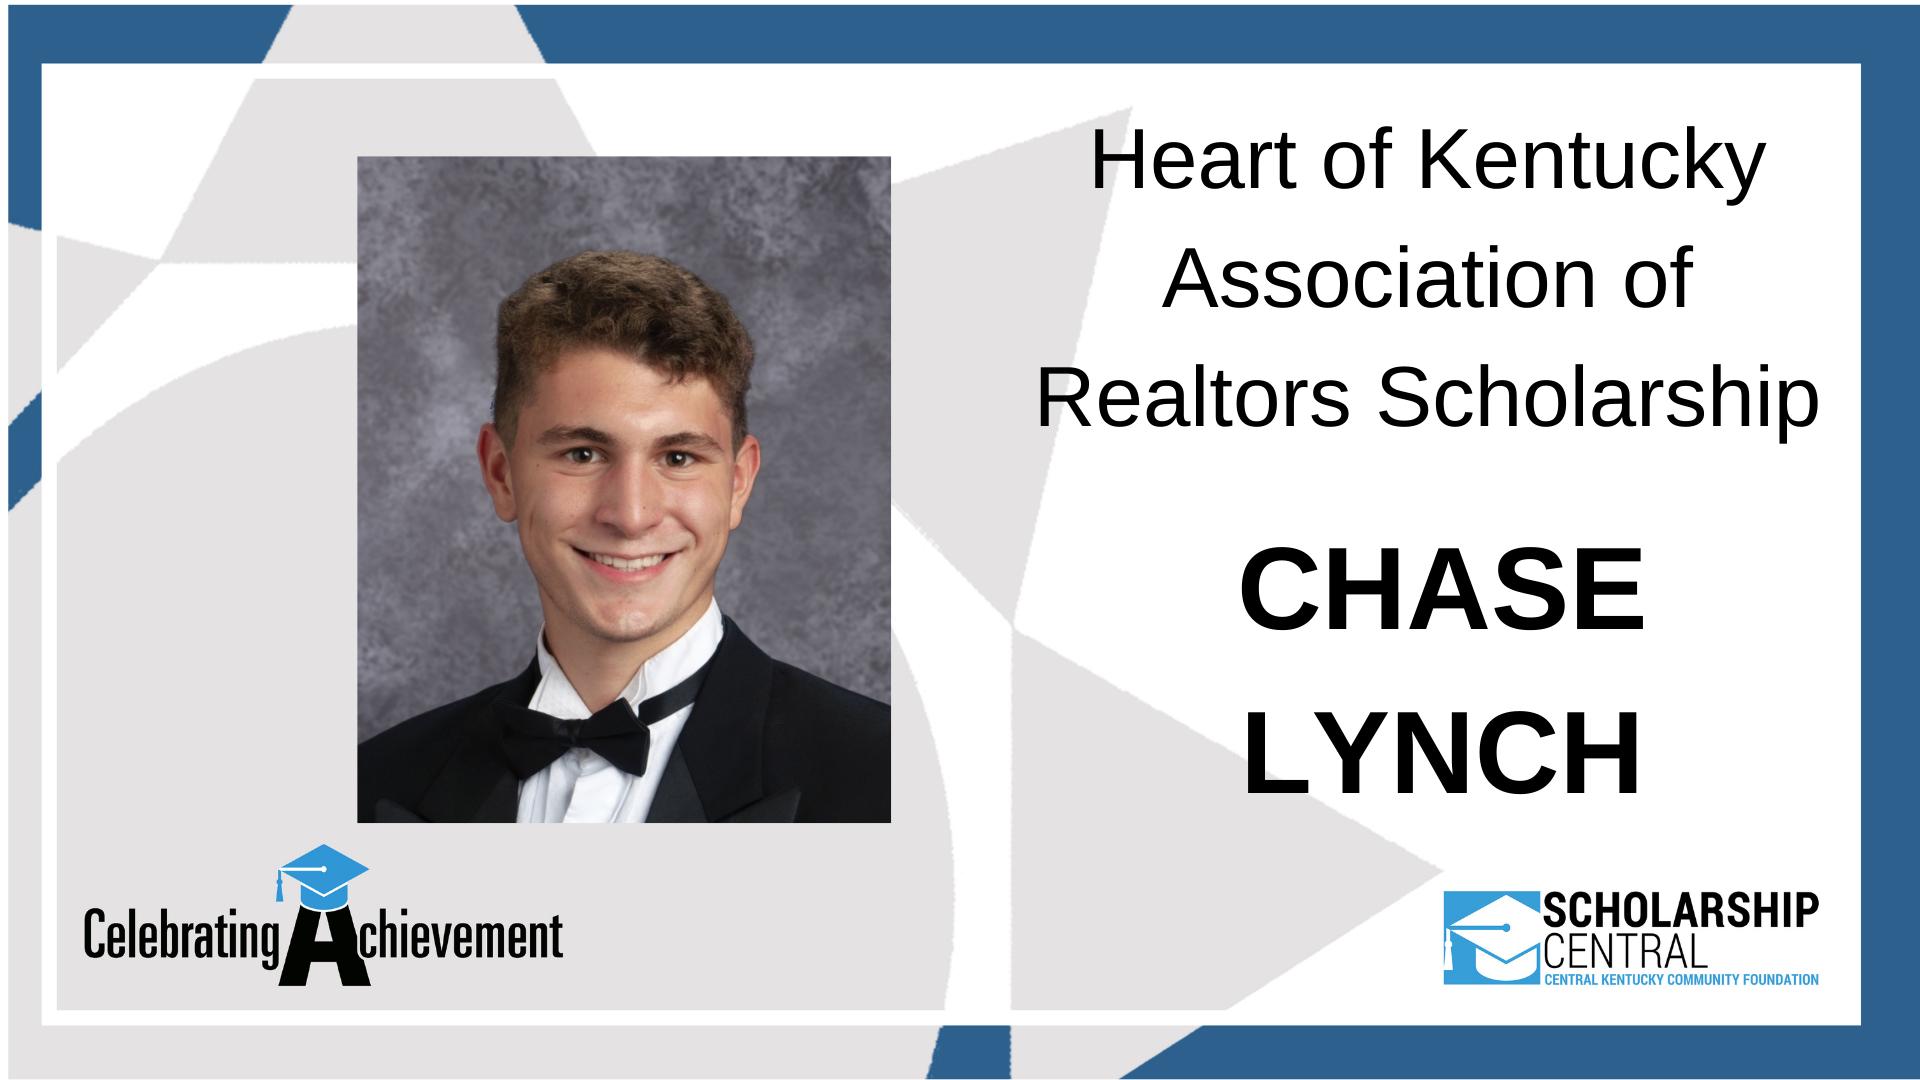 Heart of Kentucky Association of Realtors Scholarship Winner